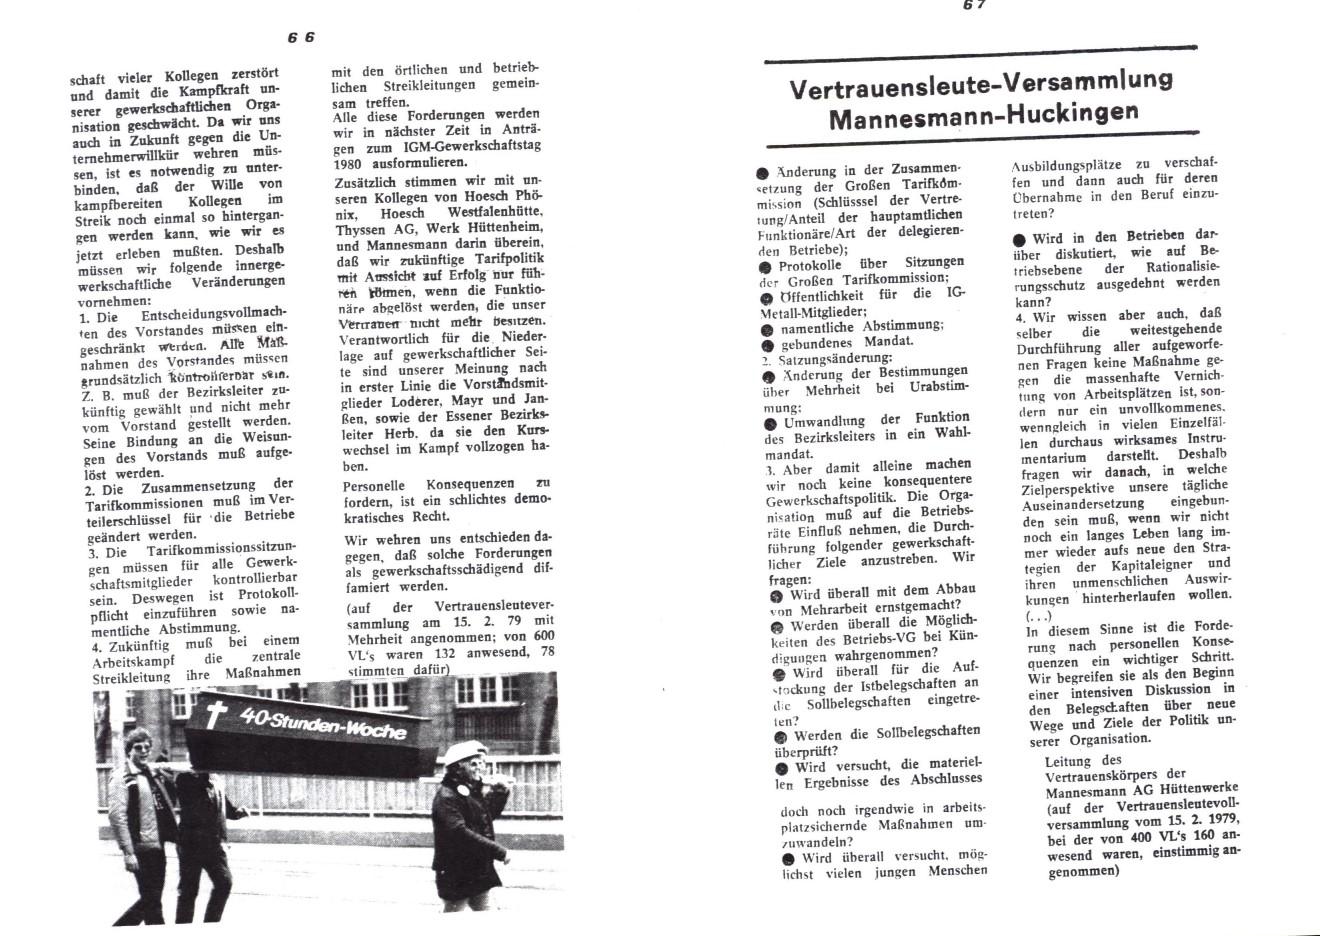 KPDAO_1979_Streik_in_der_Stahlindustrie_35